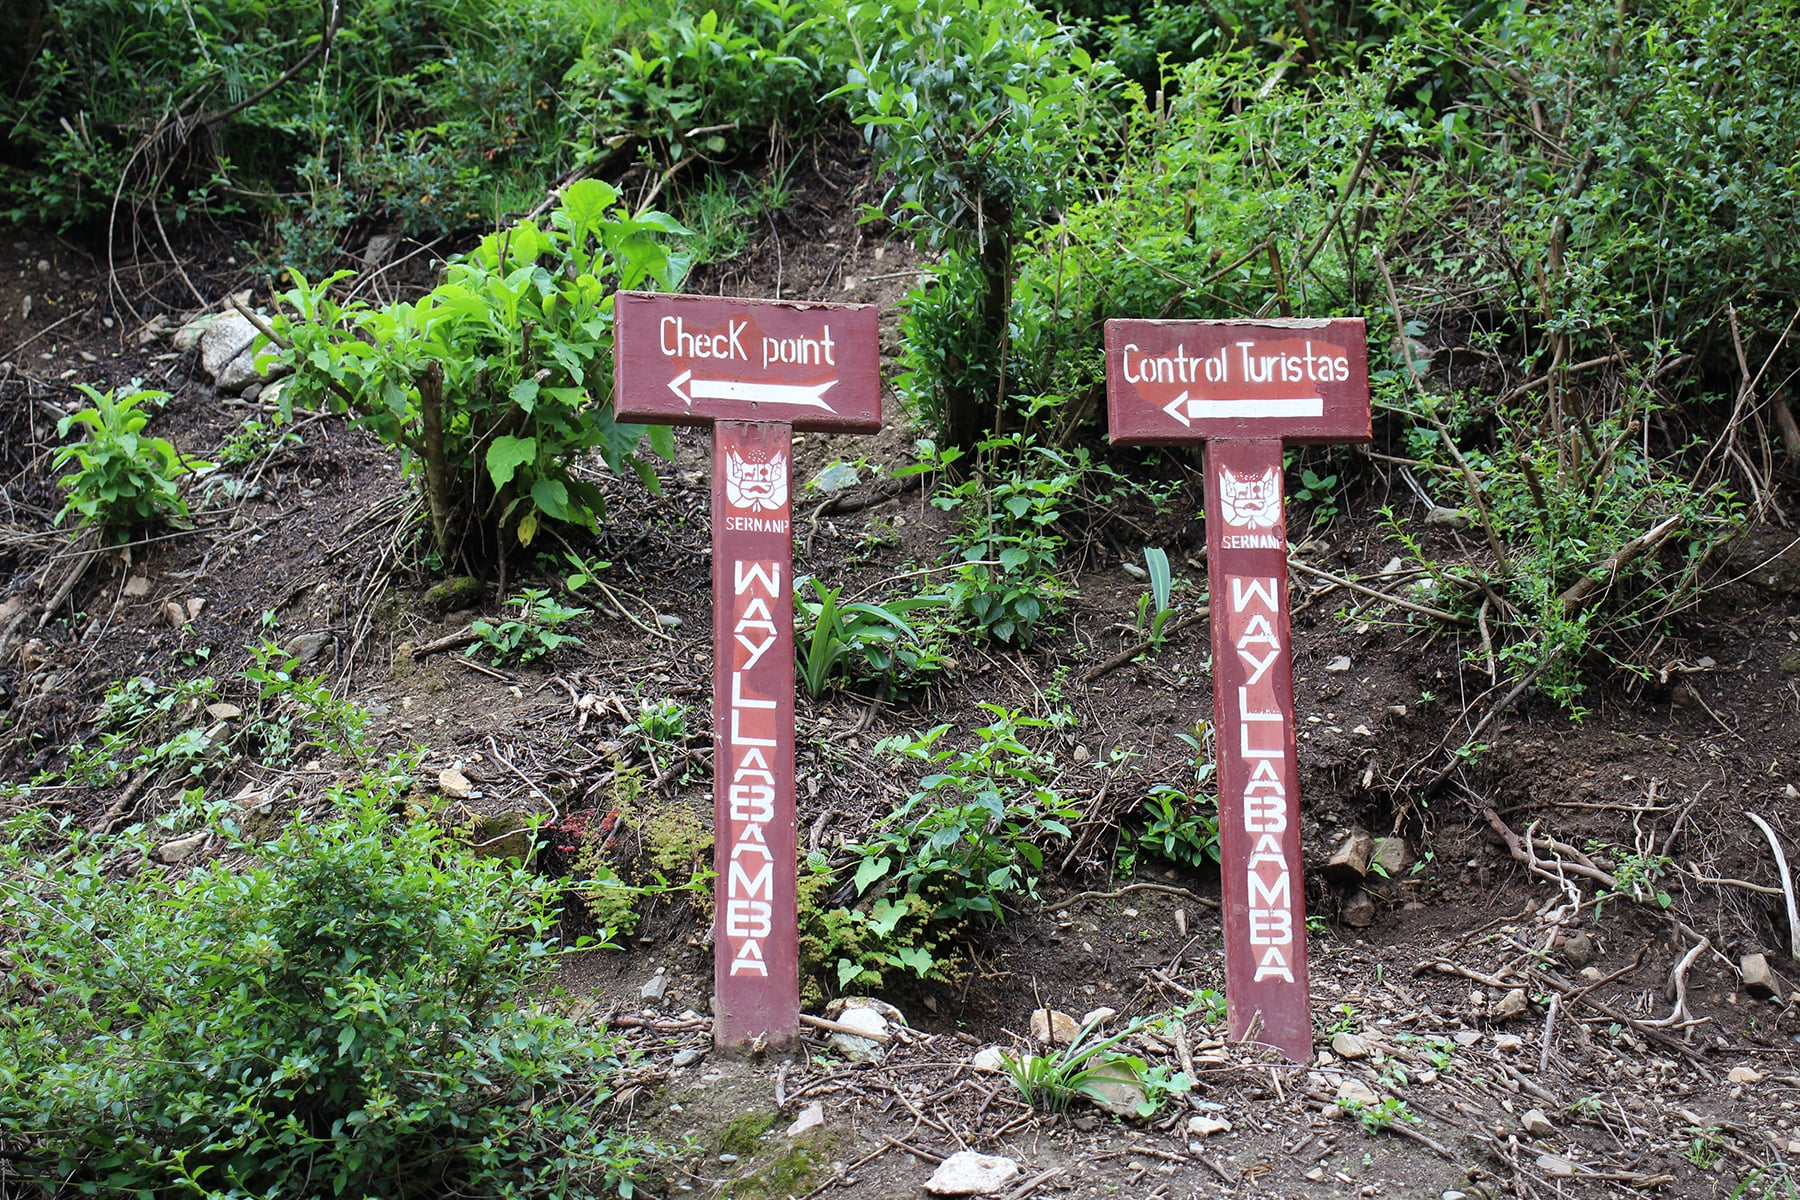 Checkpoint del primo giorno sull'inca trail